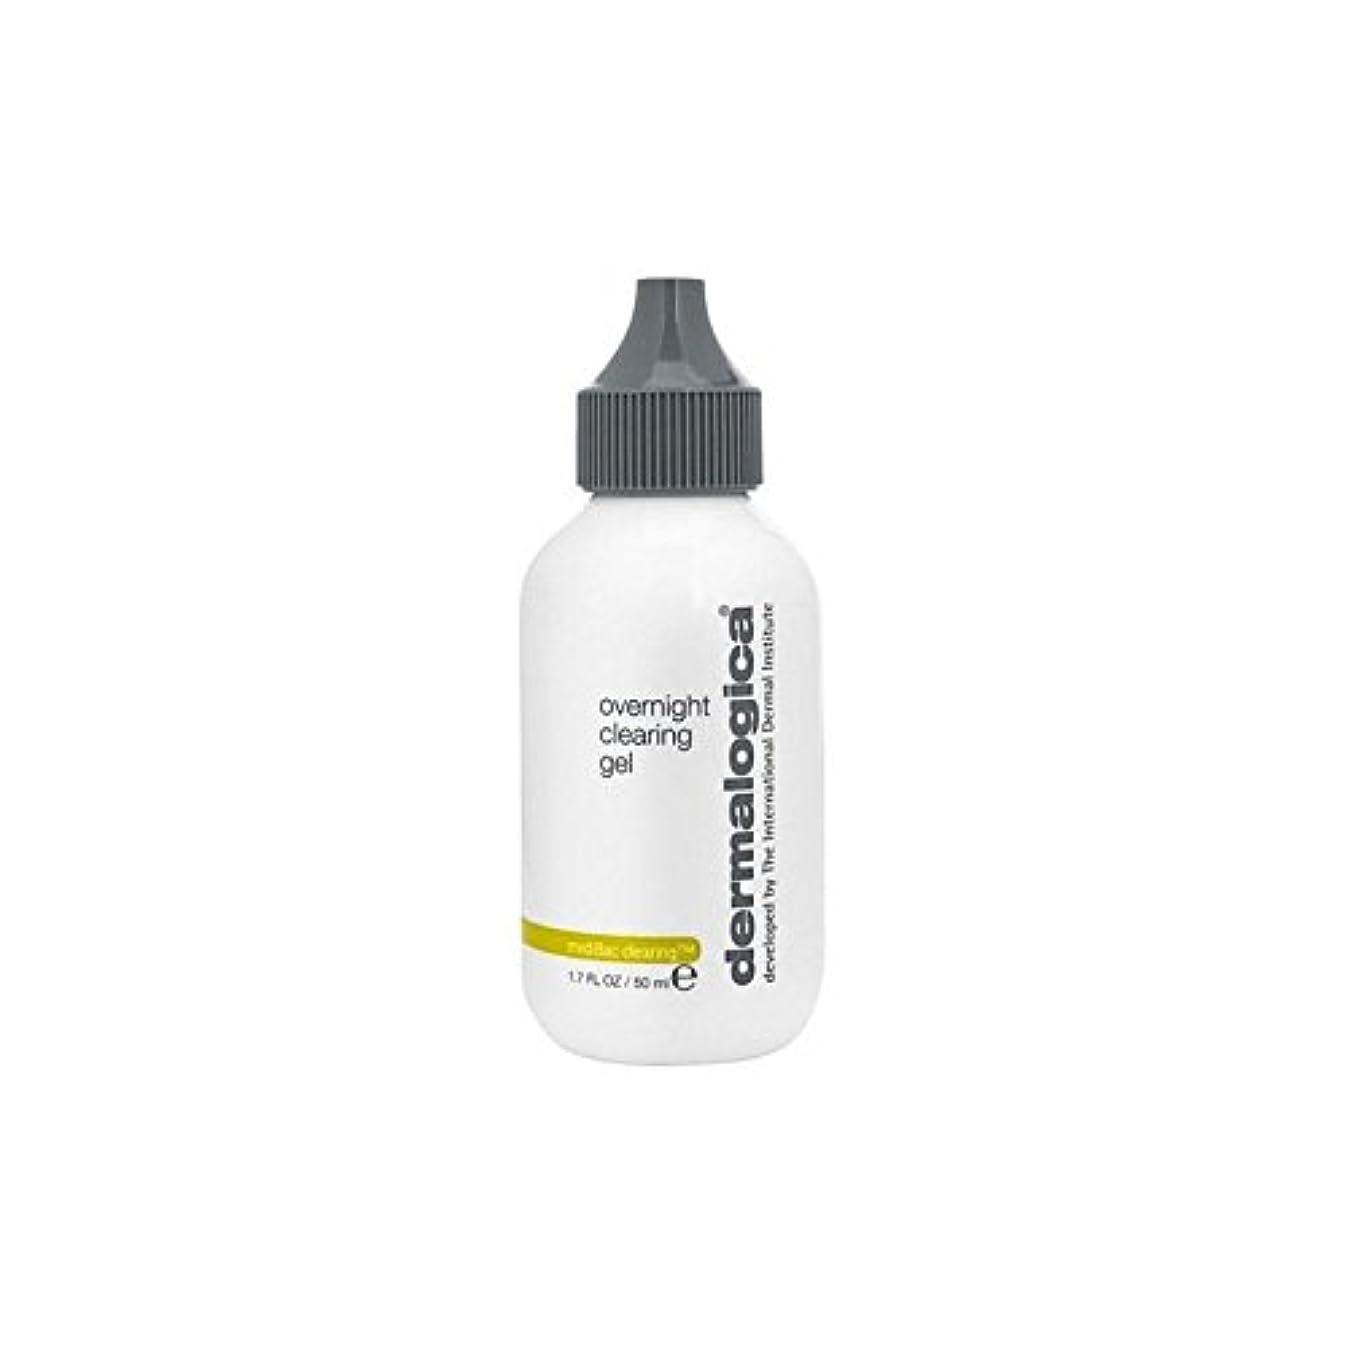 がっかりする甲虫しみダーマロジカ一晩透明ゲル(50)中 x2 - Dermalogica Medibac Overnight Clearing Gel (50ml) (Pack of 2) [並行輸入品]